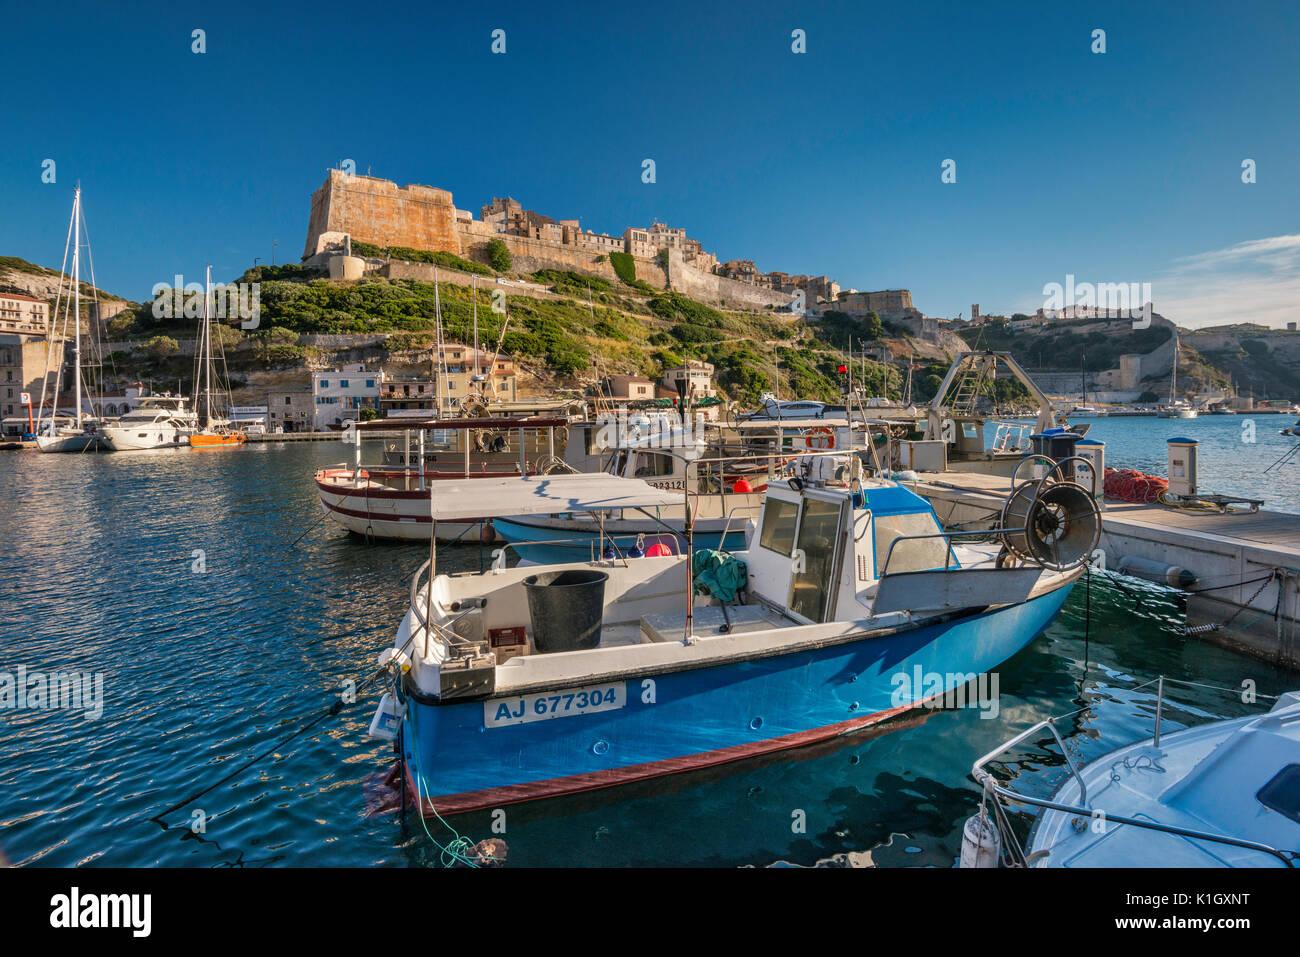 Citadelle, barcos de la marina en el puerto, al atardecer en Bonifacio, Corse du Sud, Córcega, Francia Imagen De Stock